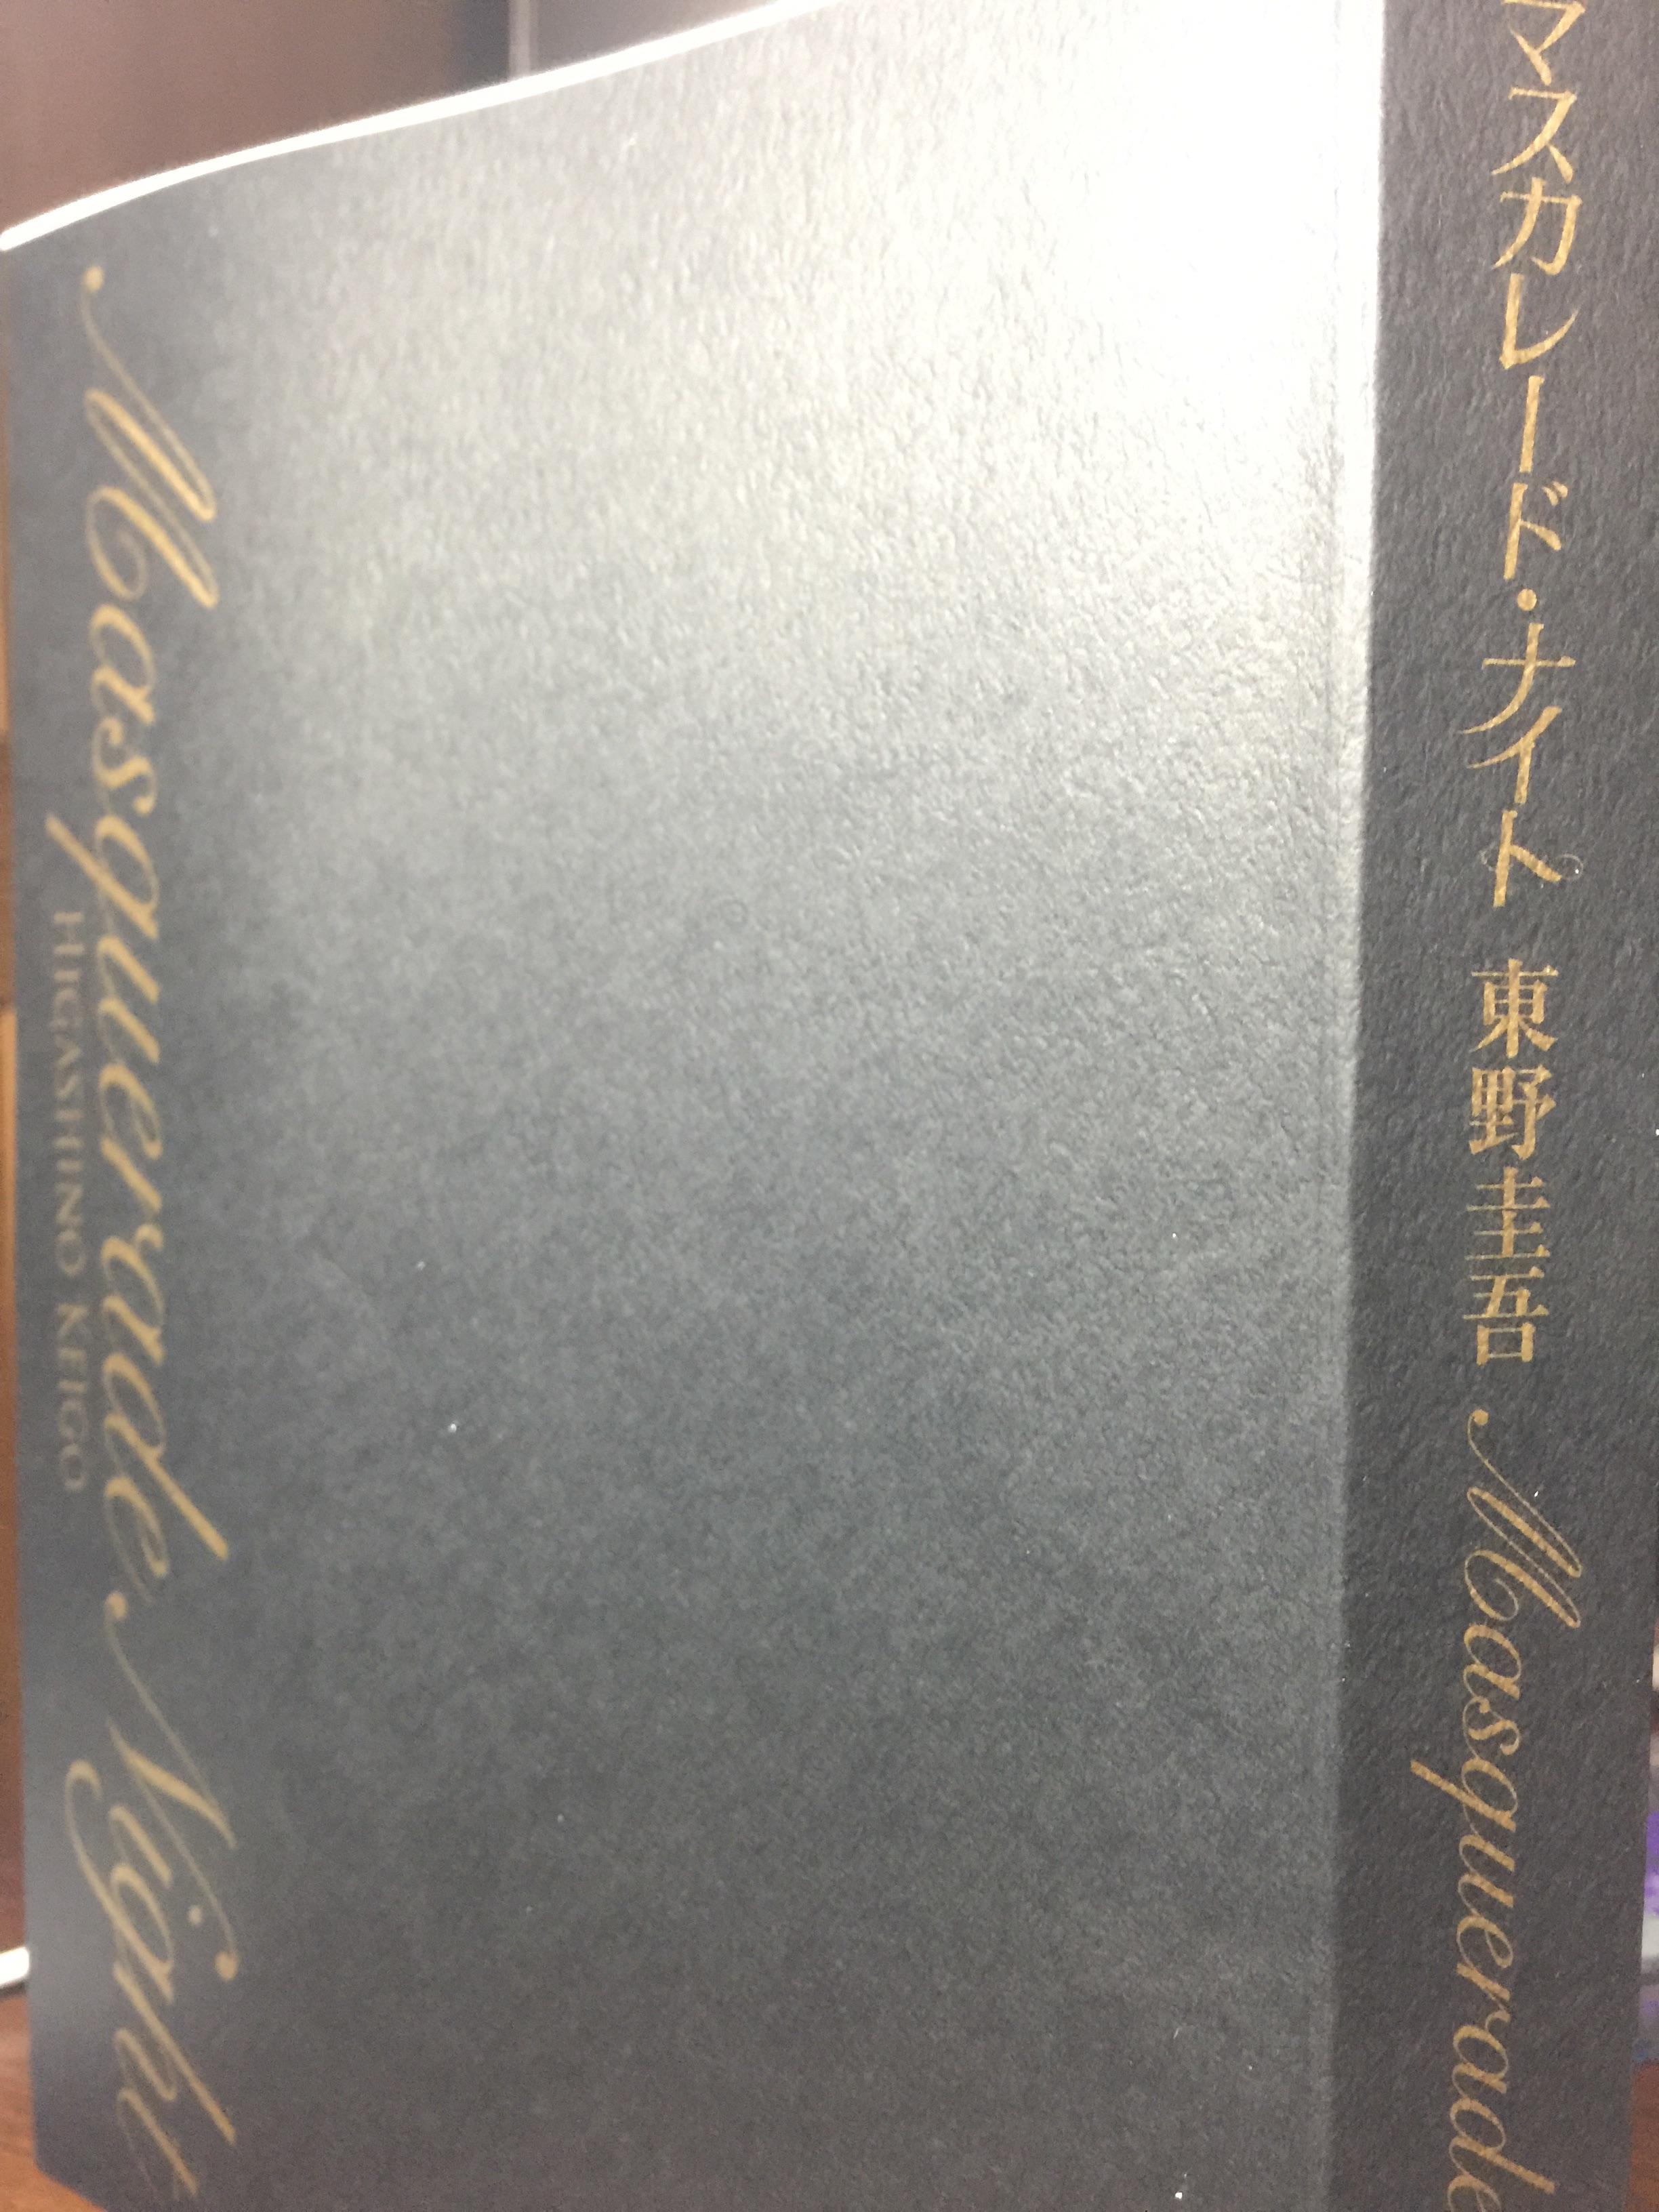 『マスカレードナイト』 デザイン 感想 東野圭吾